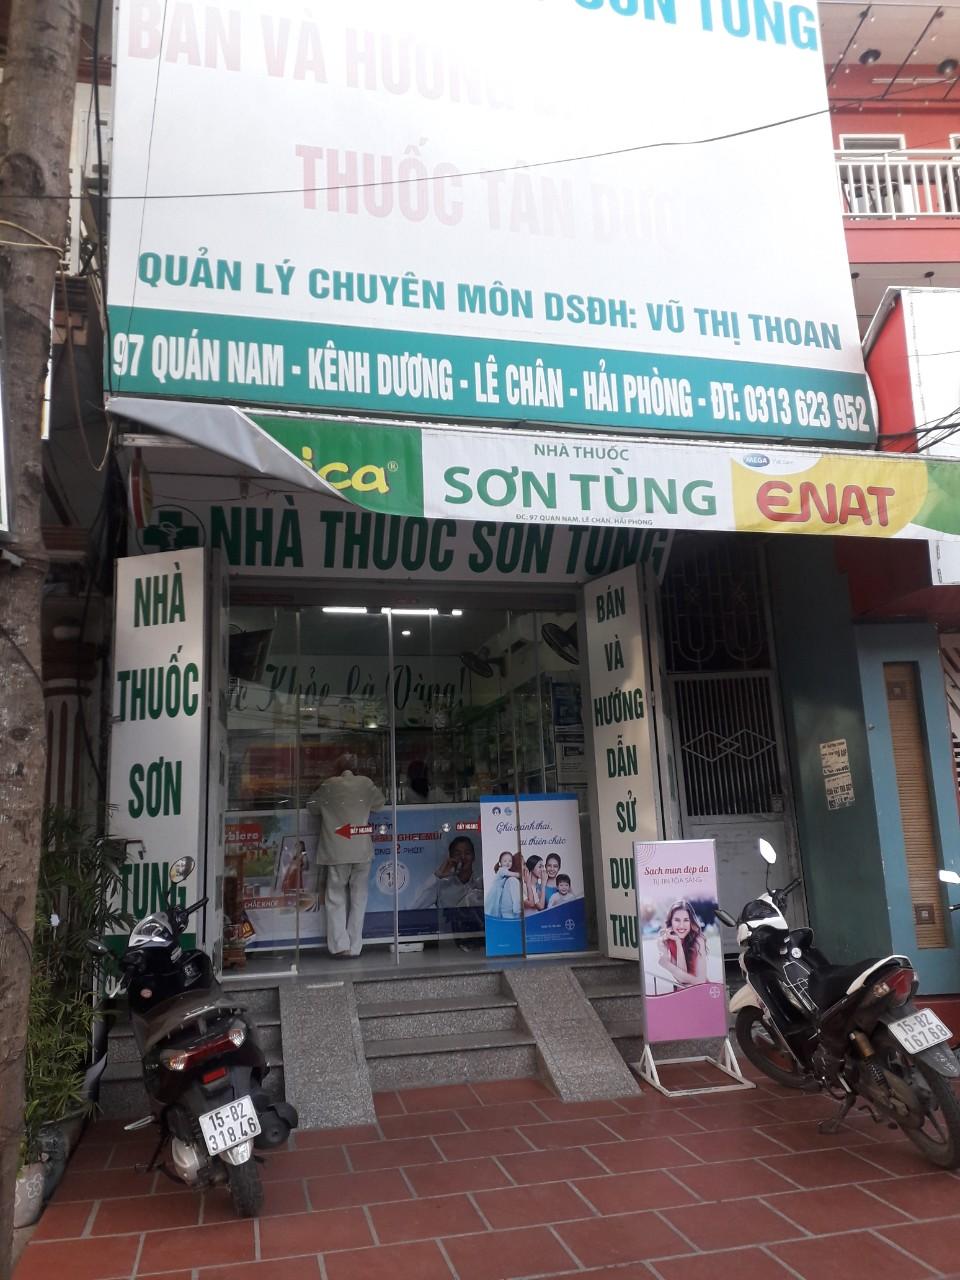 Nhà thuốc Sơn Tùng